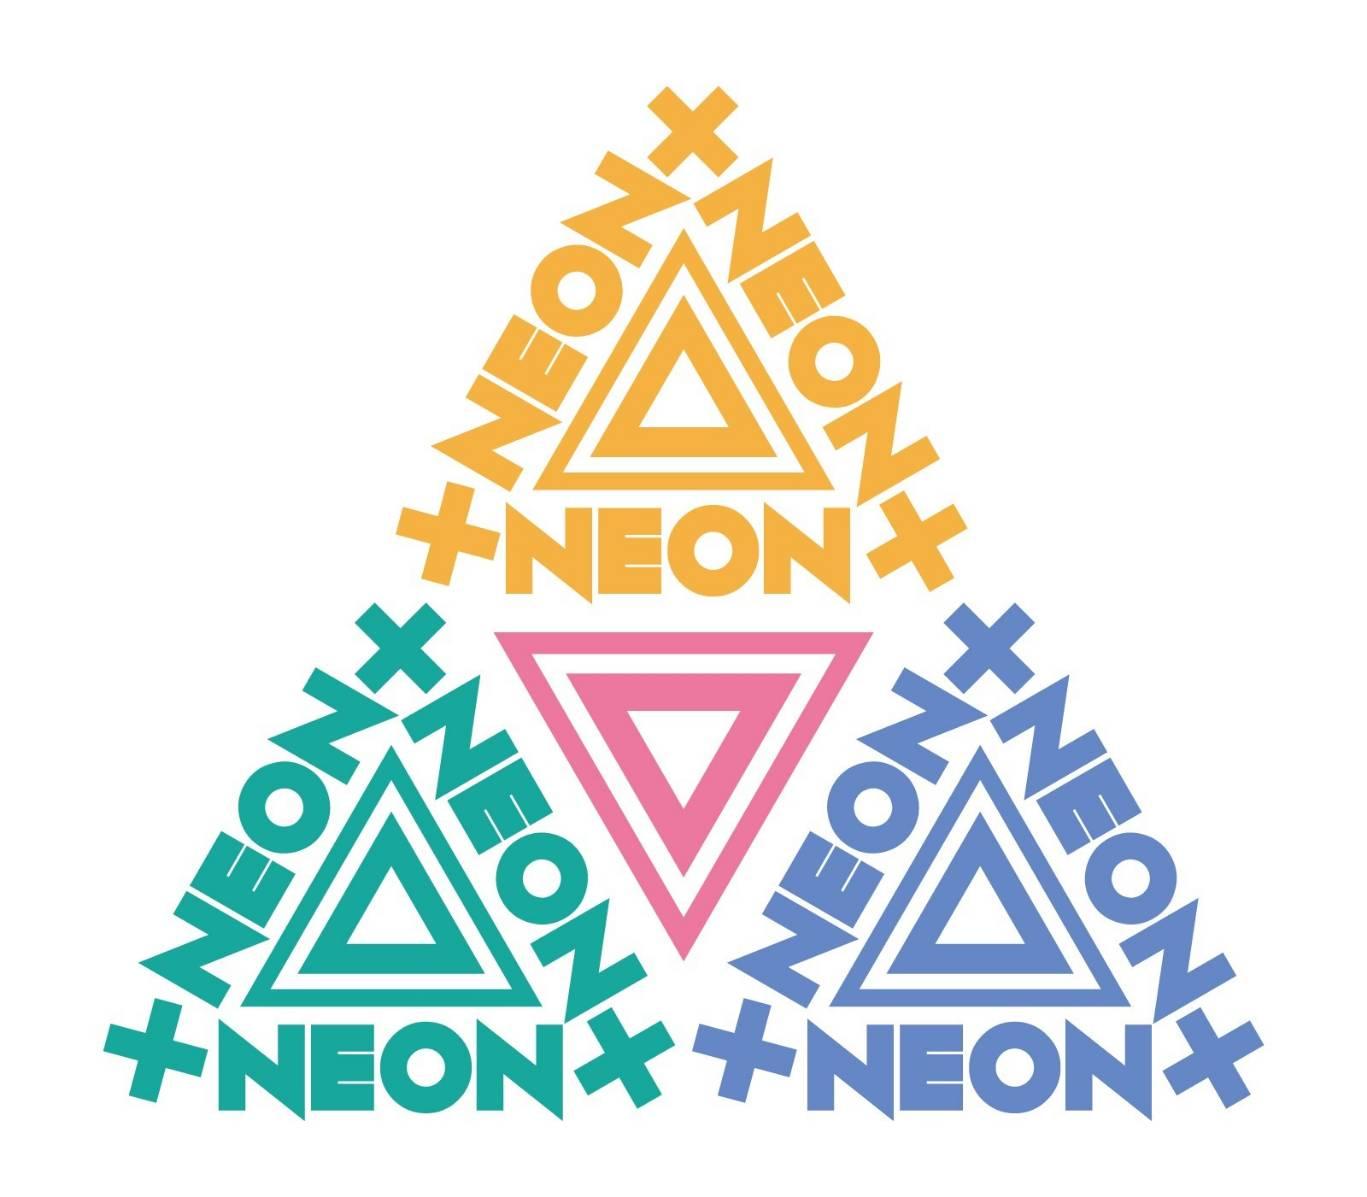 2019年7月31日(水) 『NEON×NEON×NEON〜デュエル・ザ・NEON〜』